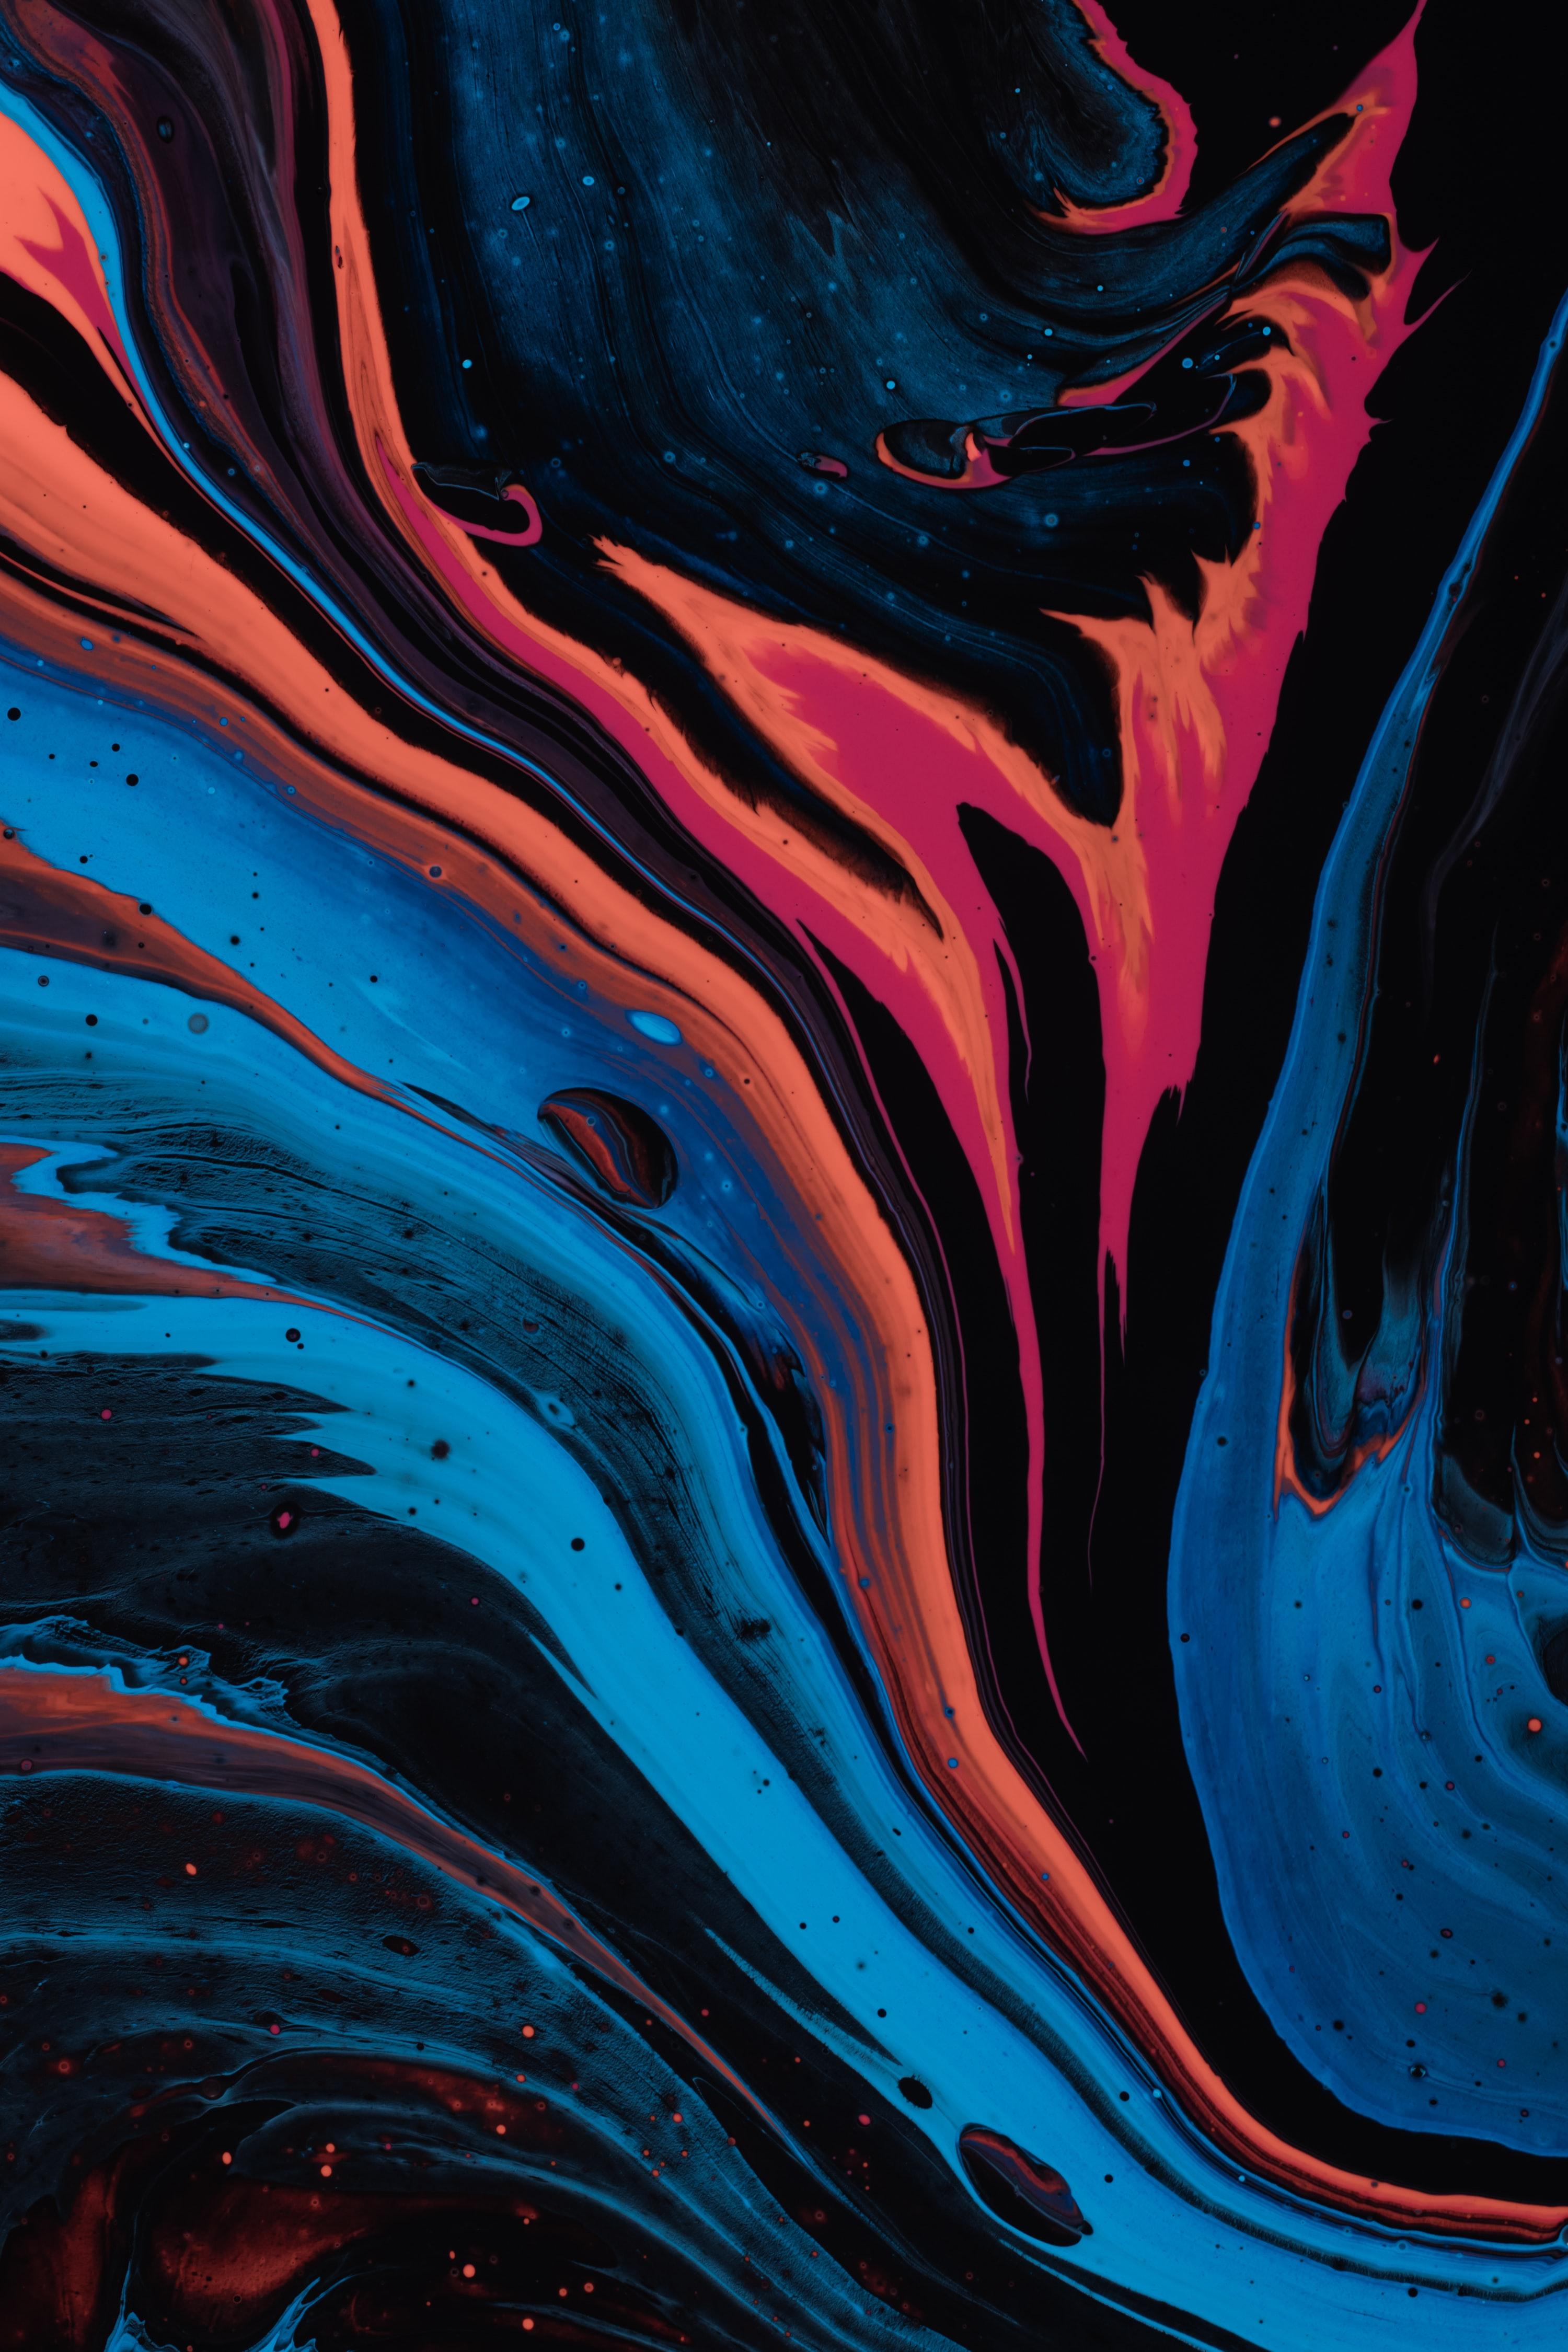 87844 免費下載壁紙 抽象, 离婚, 画, 油漆, 多彩多姿, 五颜六色, 液体 屏保和圖片